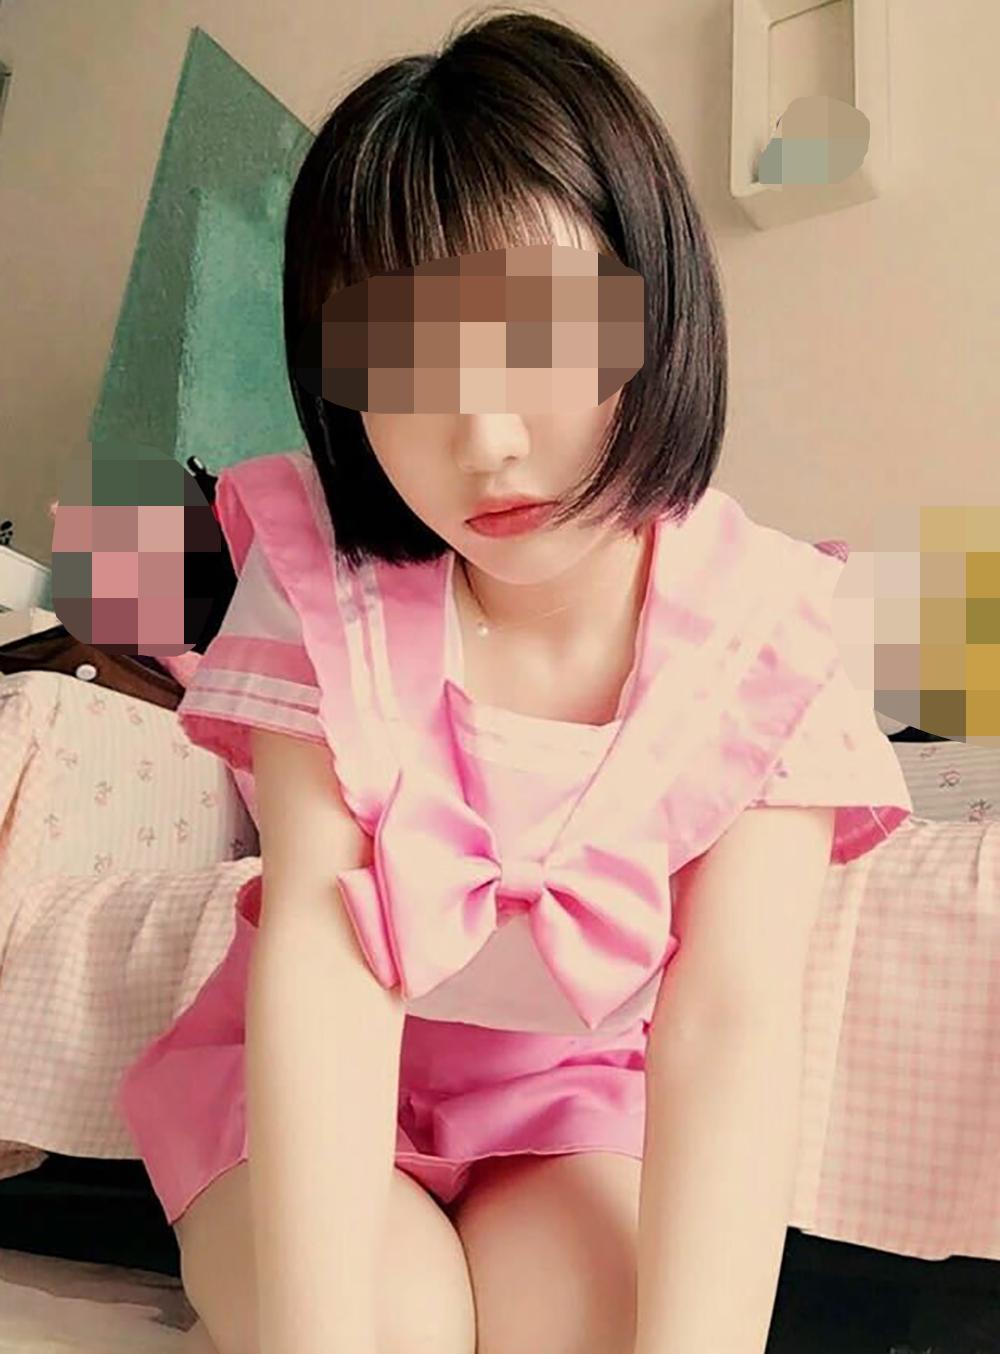 Guangzhou Massage Girl - Ellie - Guangzhou Massage Girls